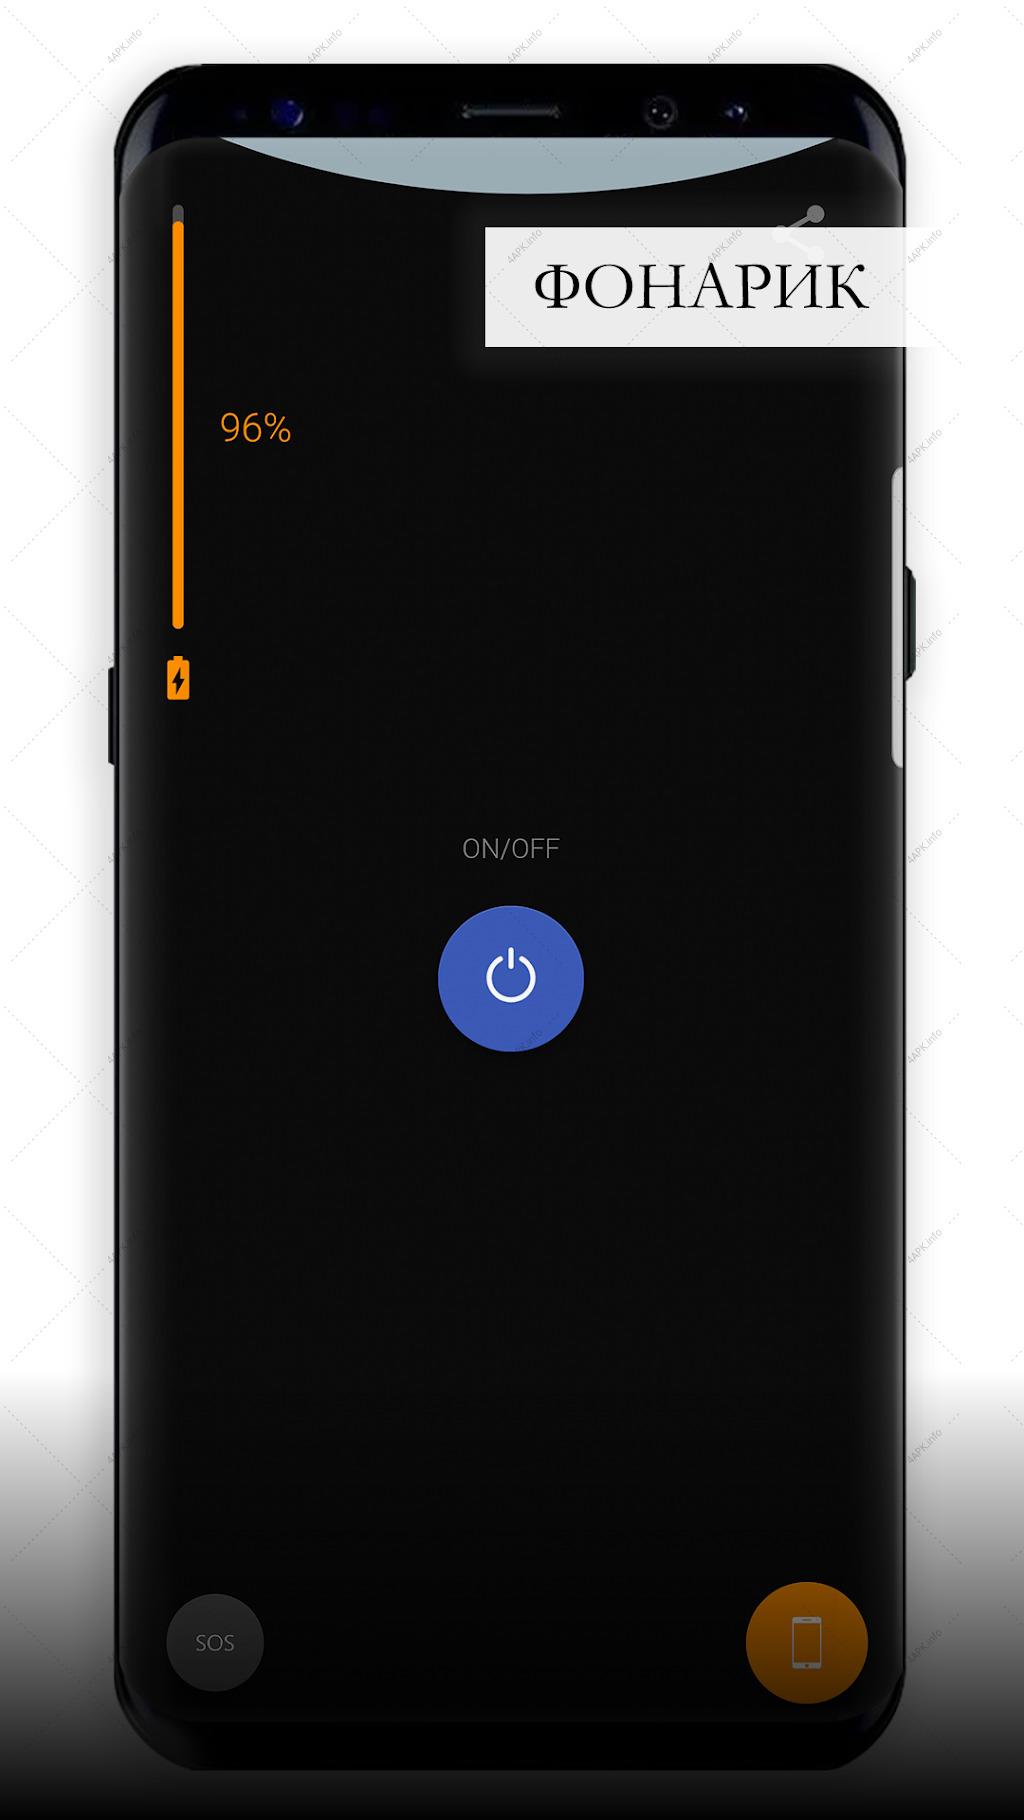 Скачать приложение фонарик бесплатно для смартфона скачать программу выравнивания звука